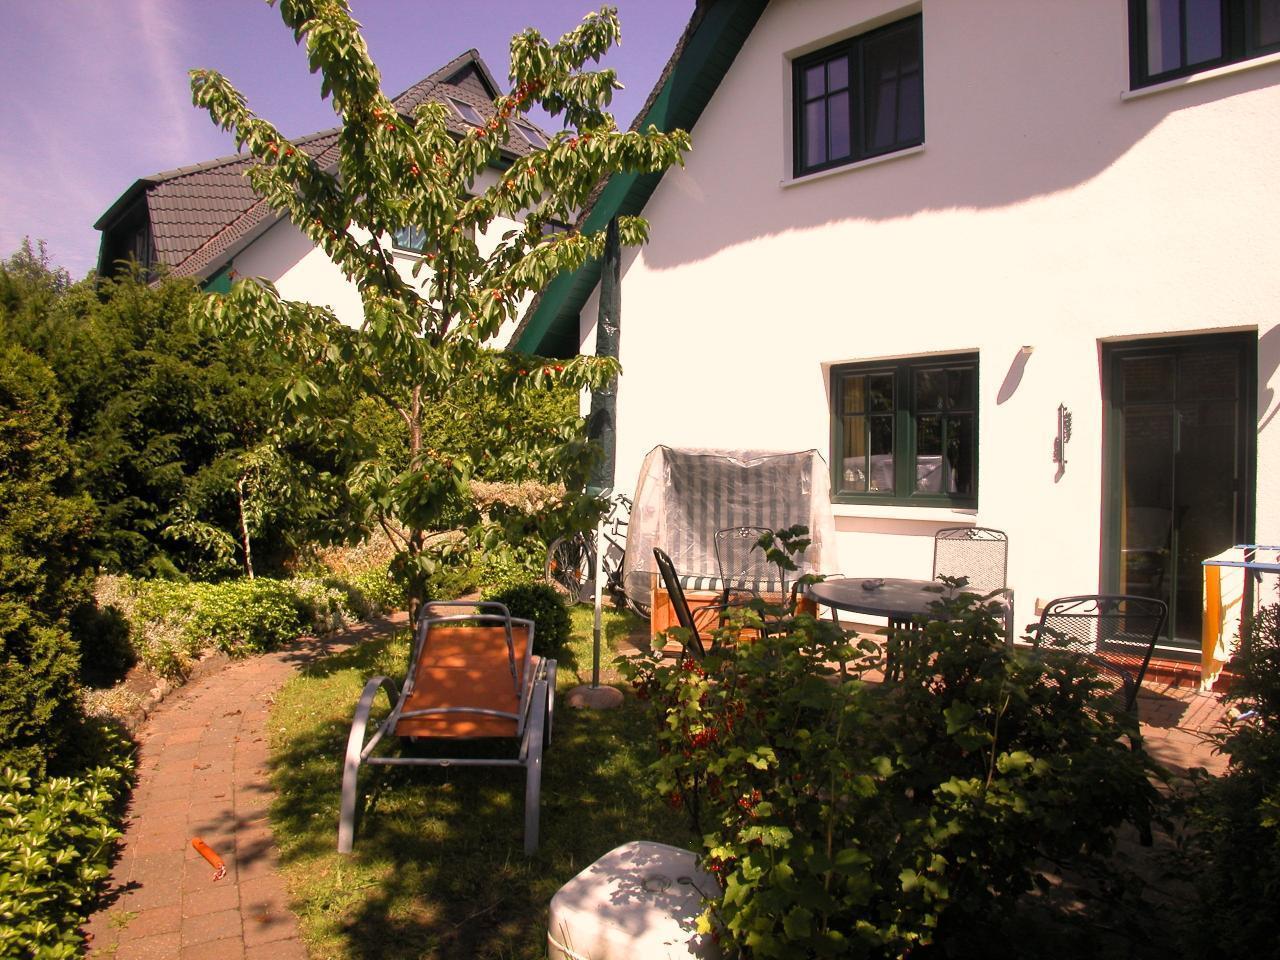 Ferienhaus Fischerhaus (127755), Groß Zicker, Rügen, Mecklenburg-Vorpommern, Deutschland, Bild 20